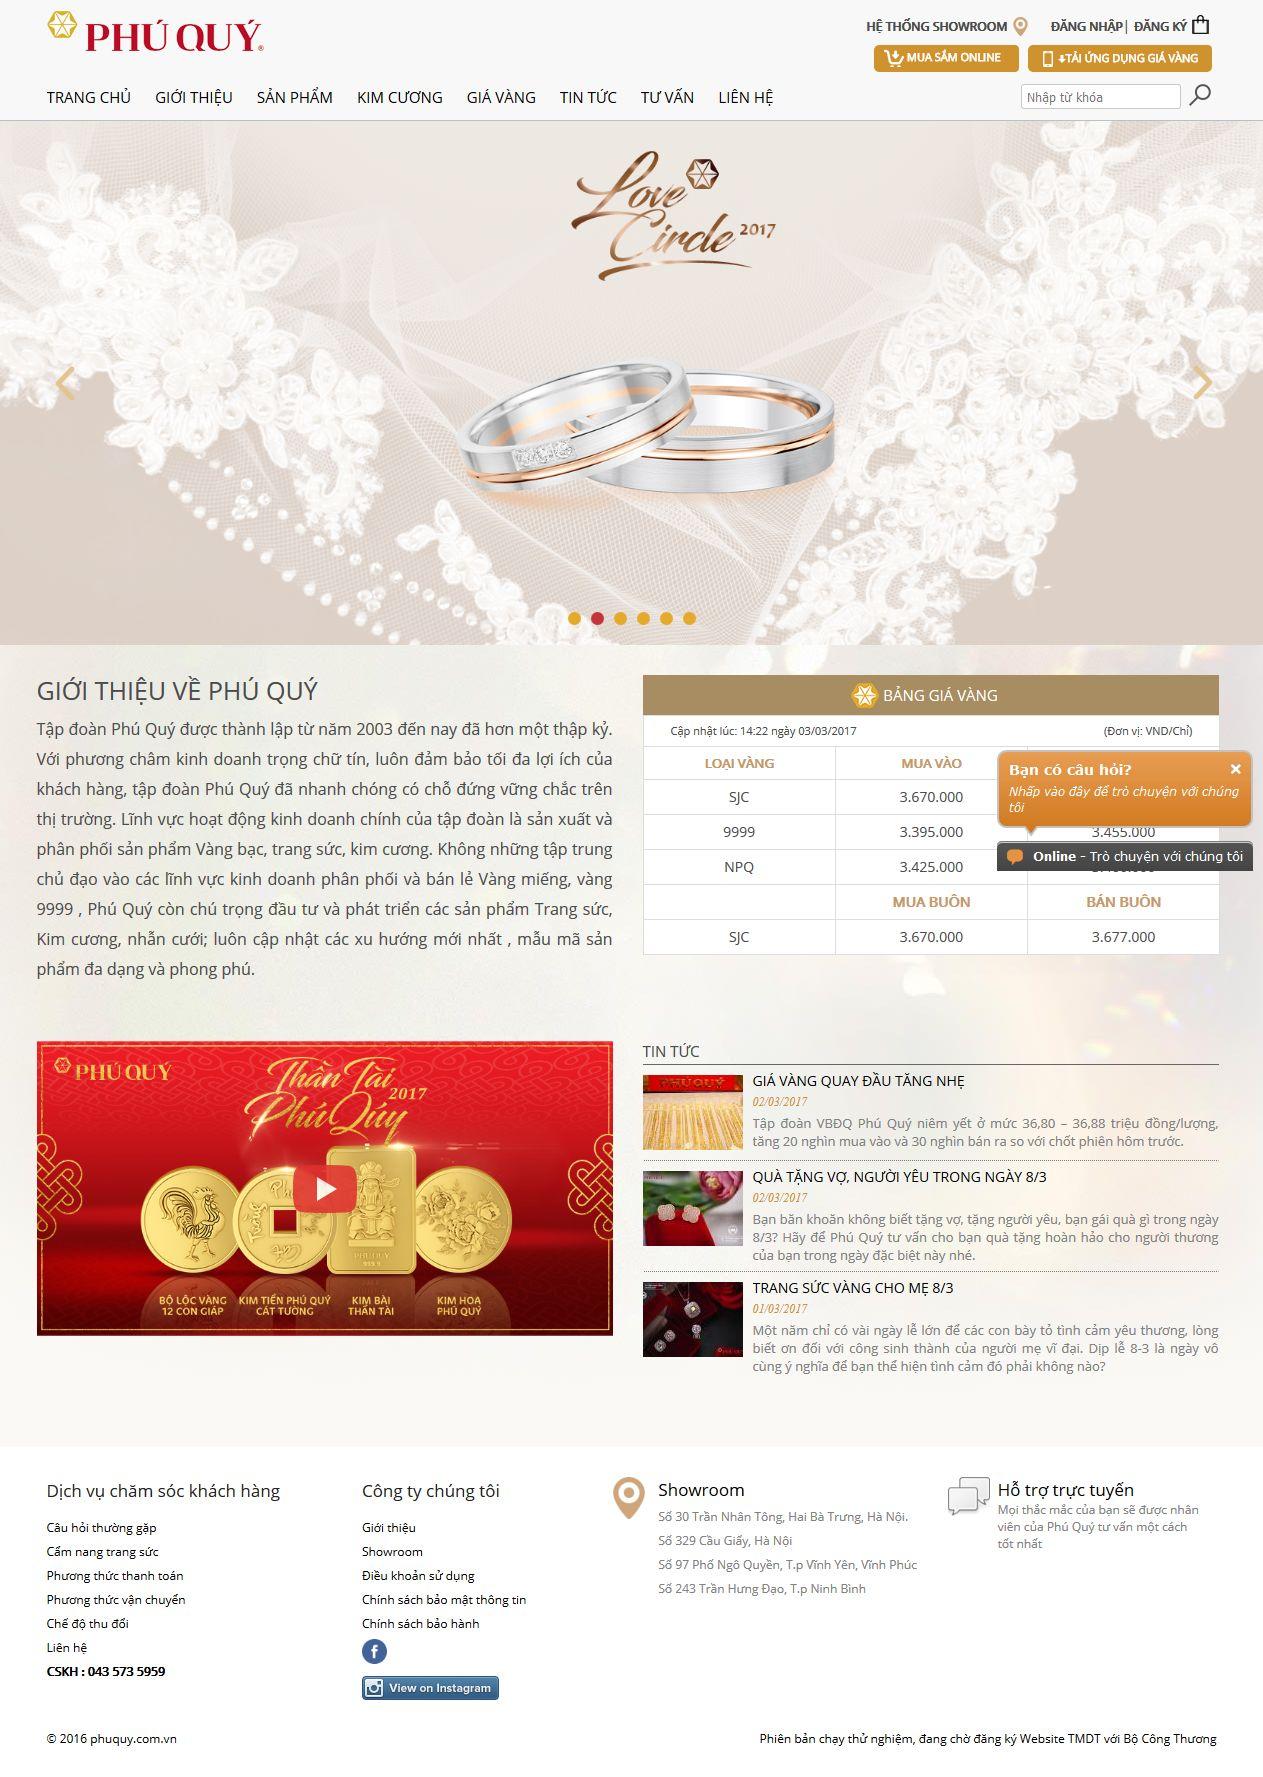 Mẫu website trang sức10396